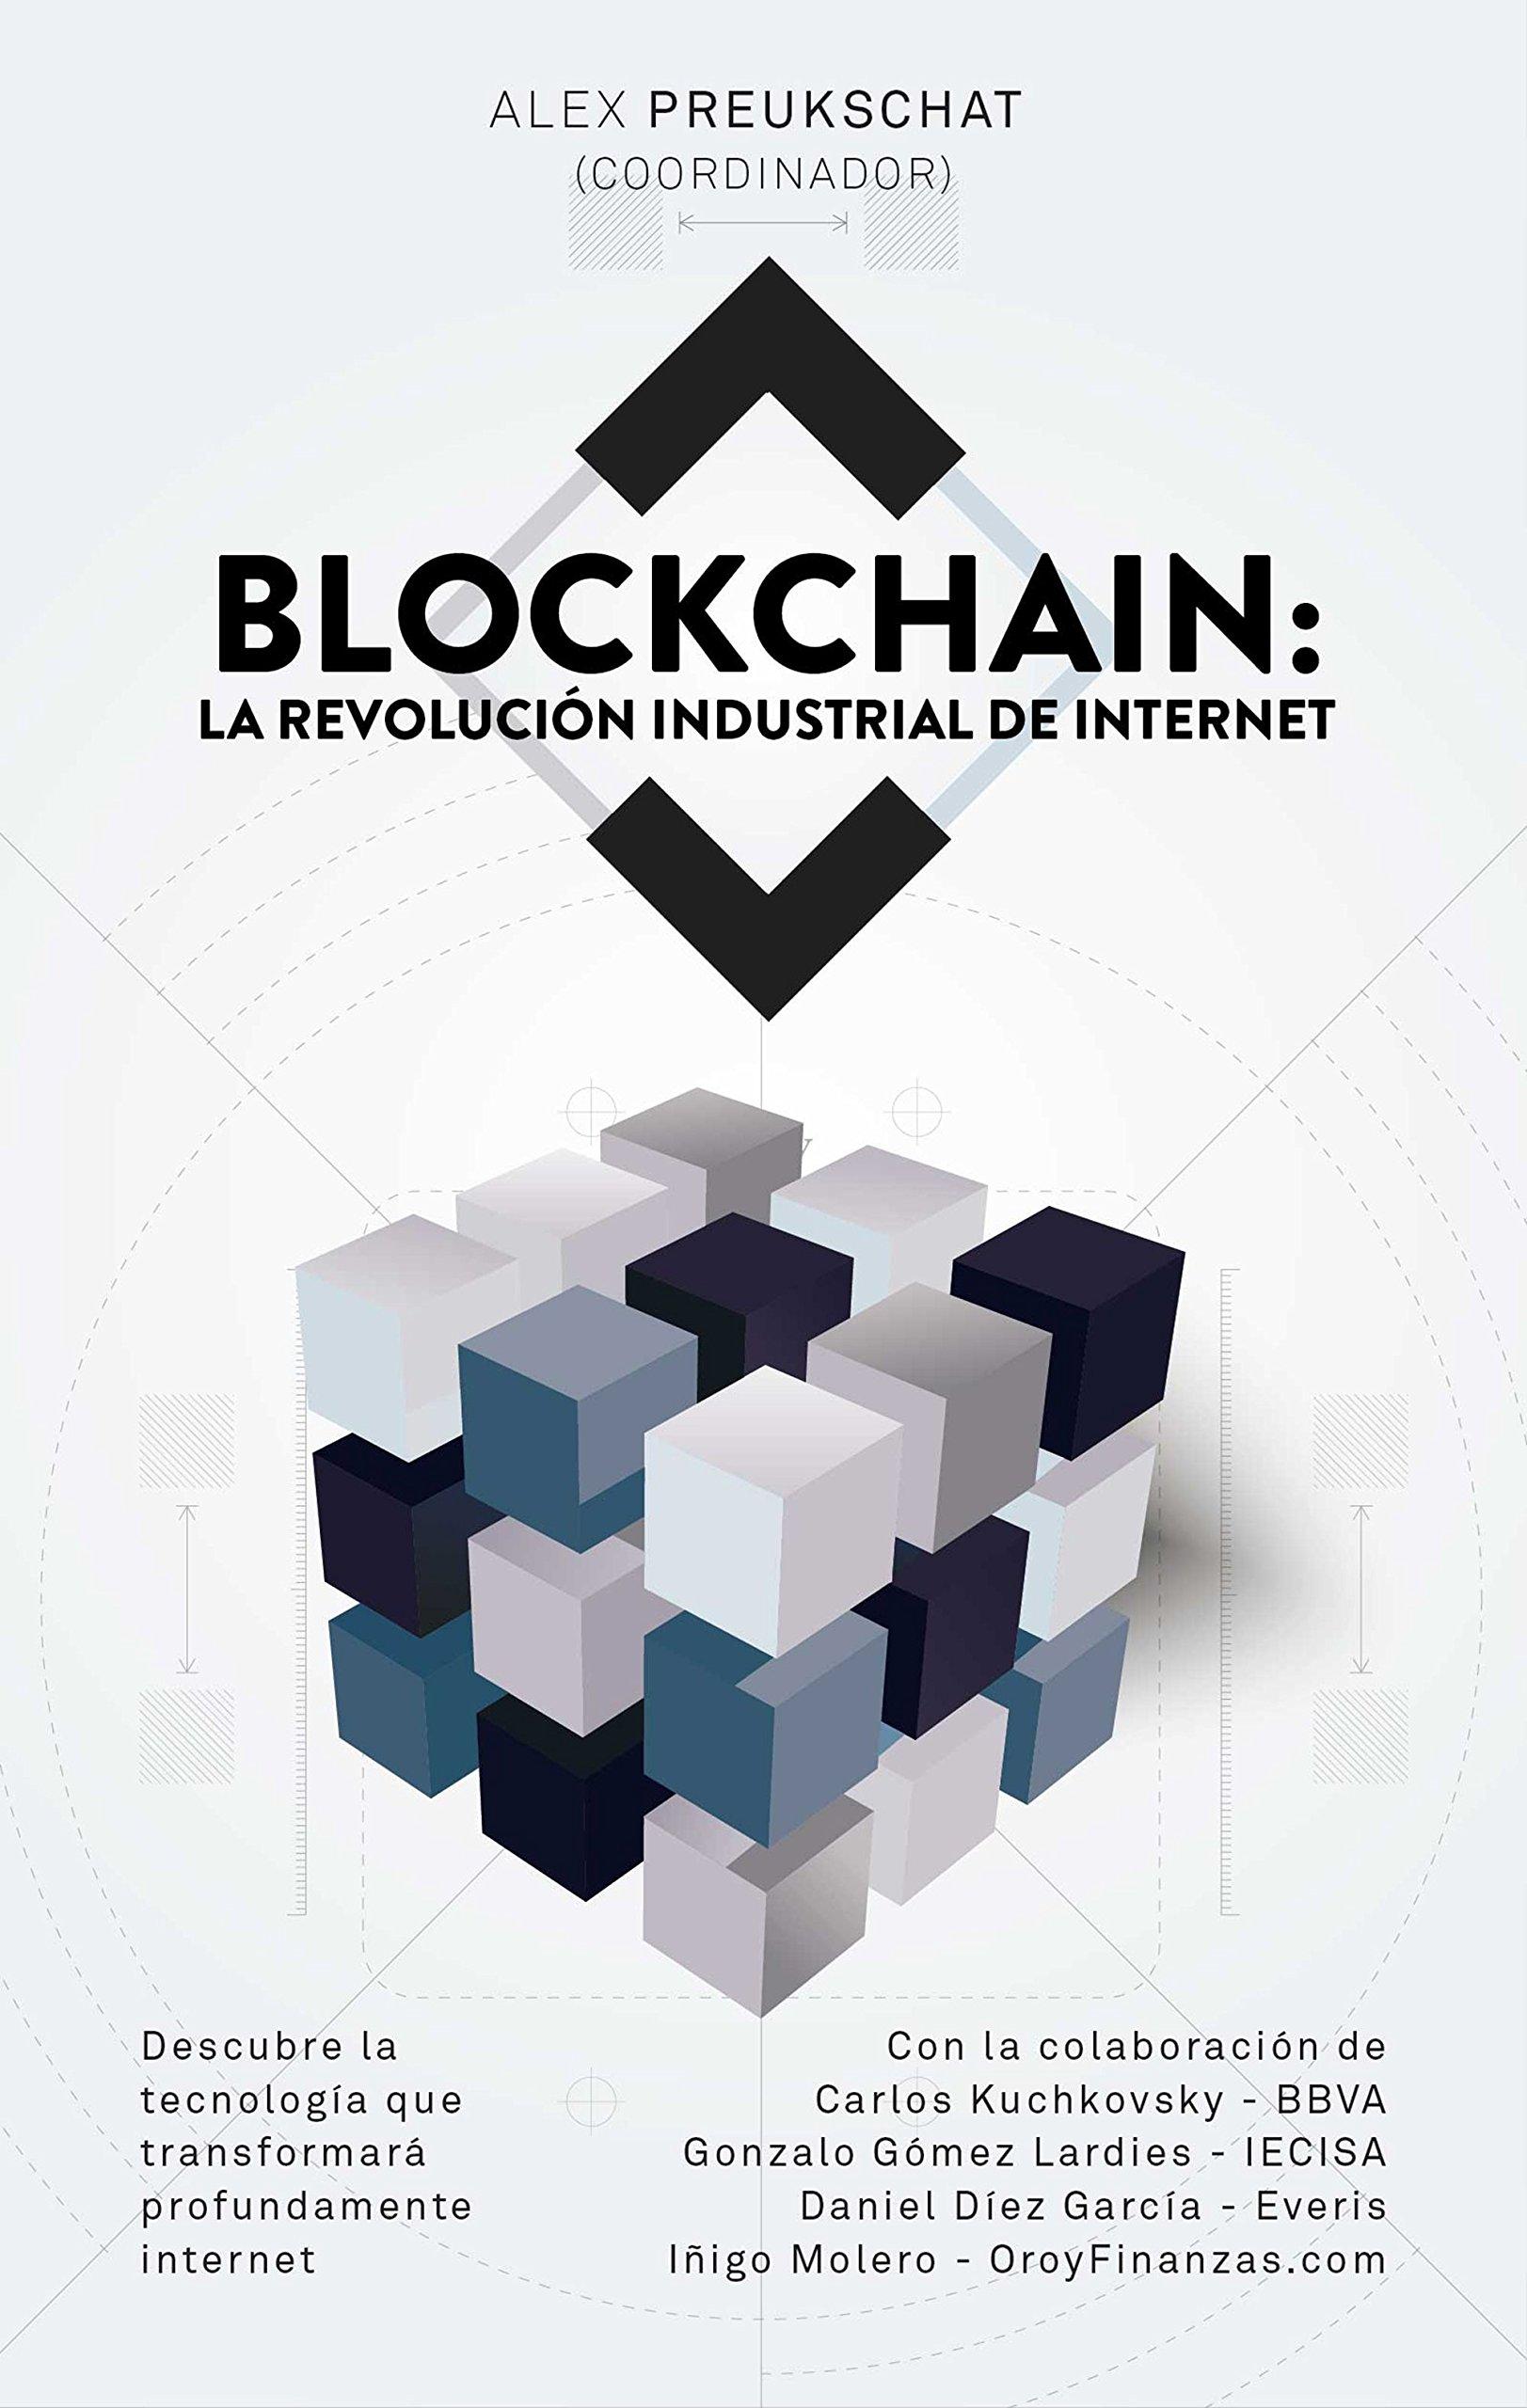 Blockchain: la revolución industrial de internet (Sin colección) Tapa blanda – 23 may 2017 Gestión 2000 849875447X Economics Finance